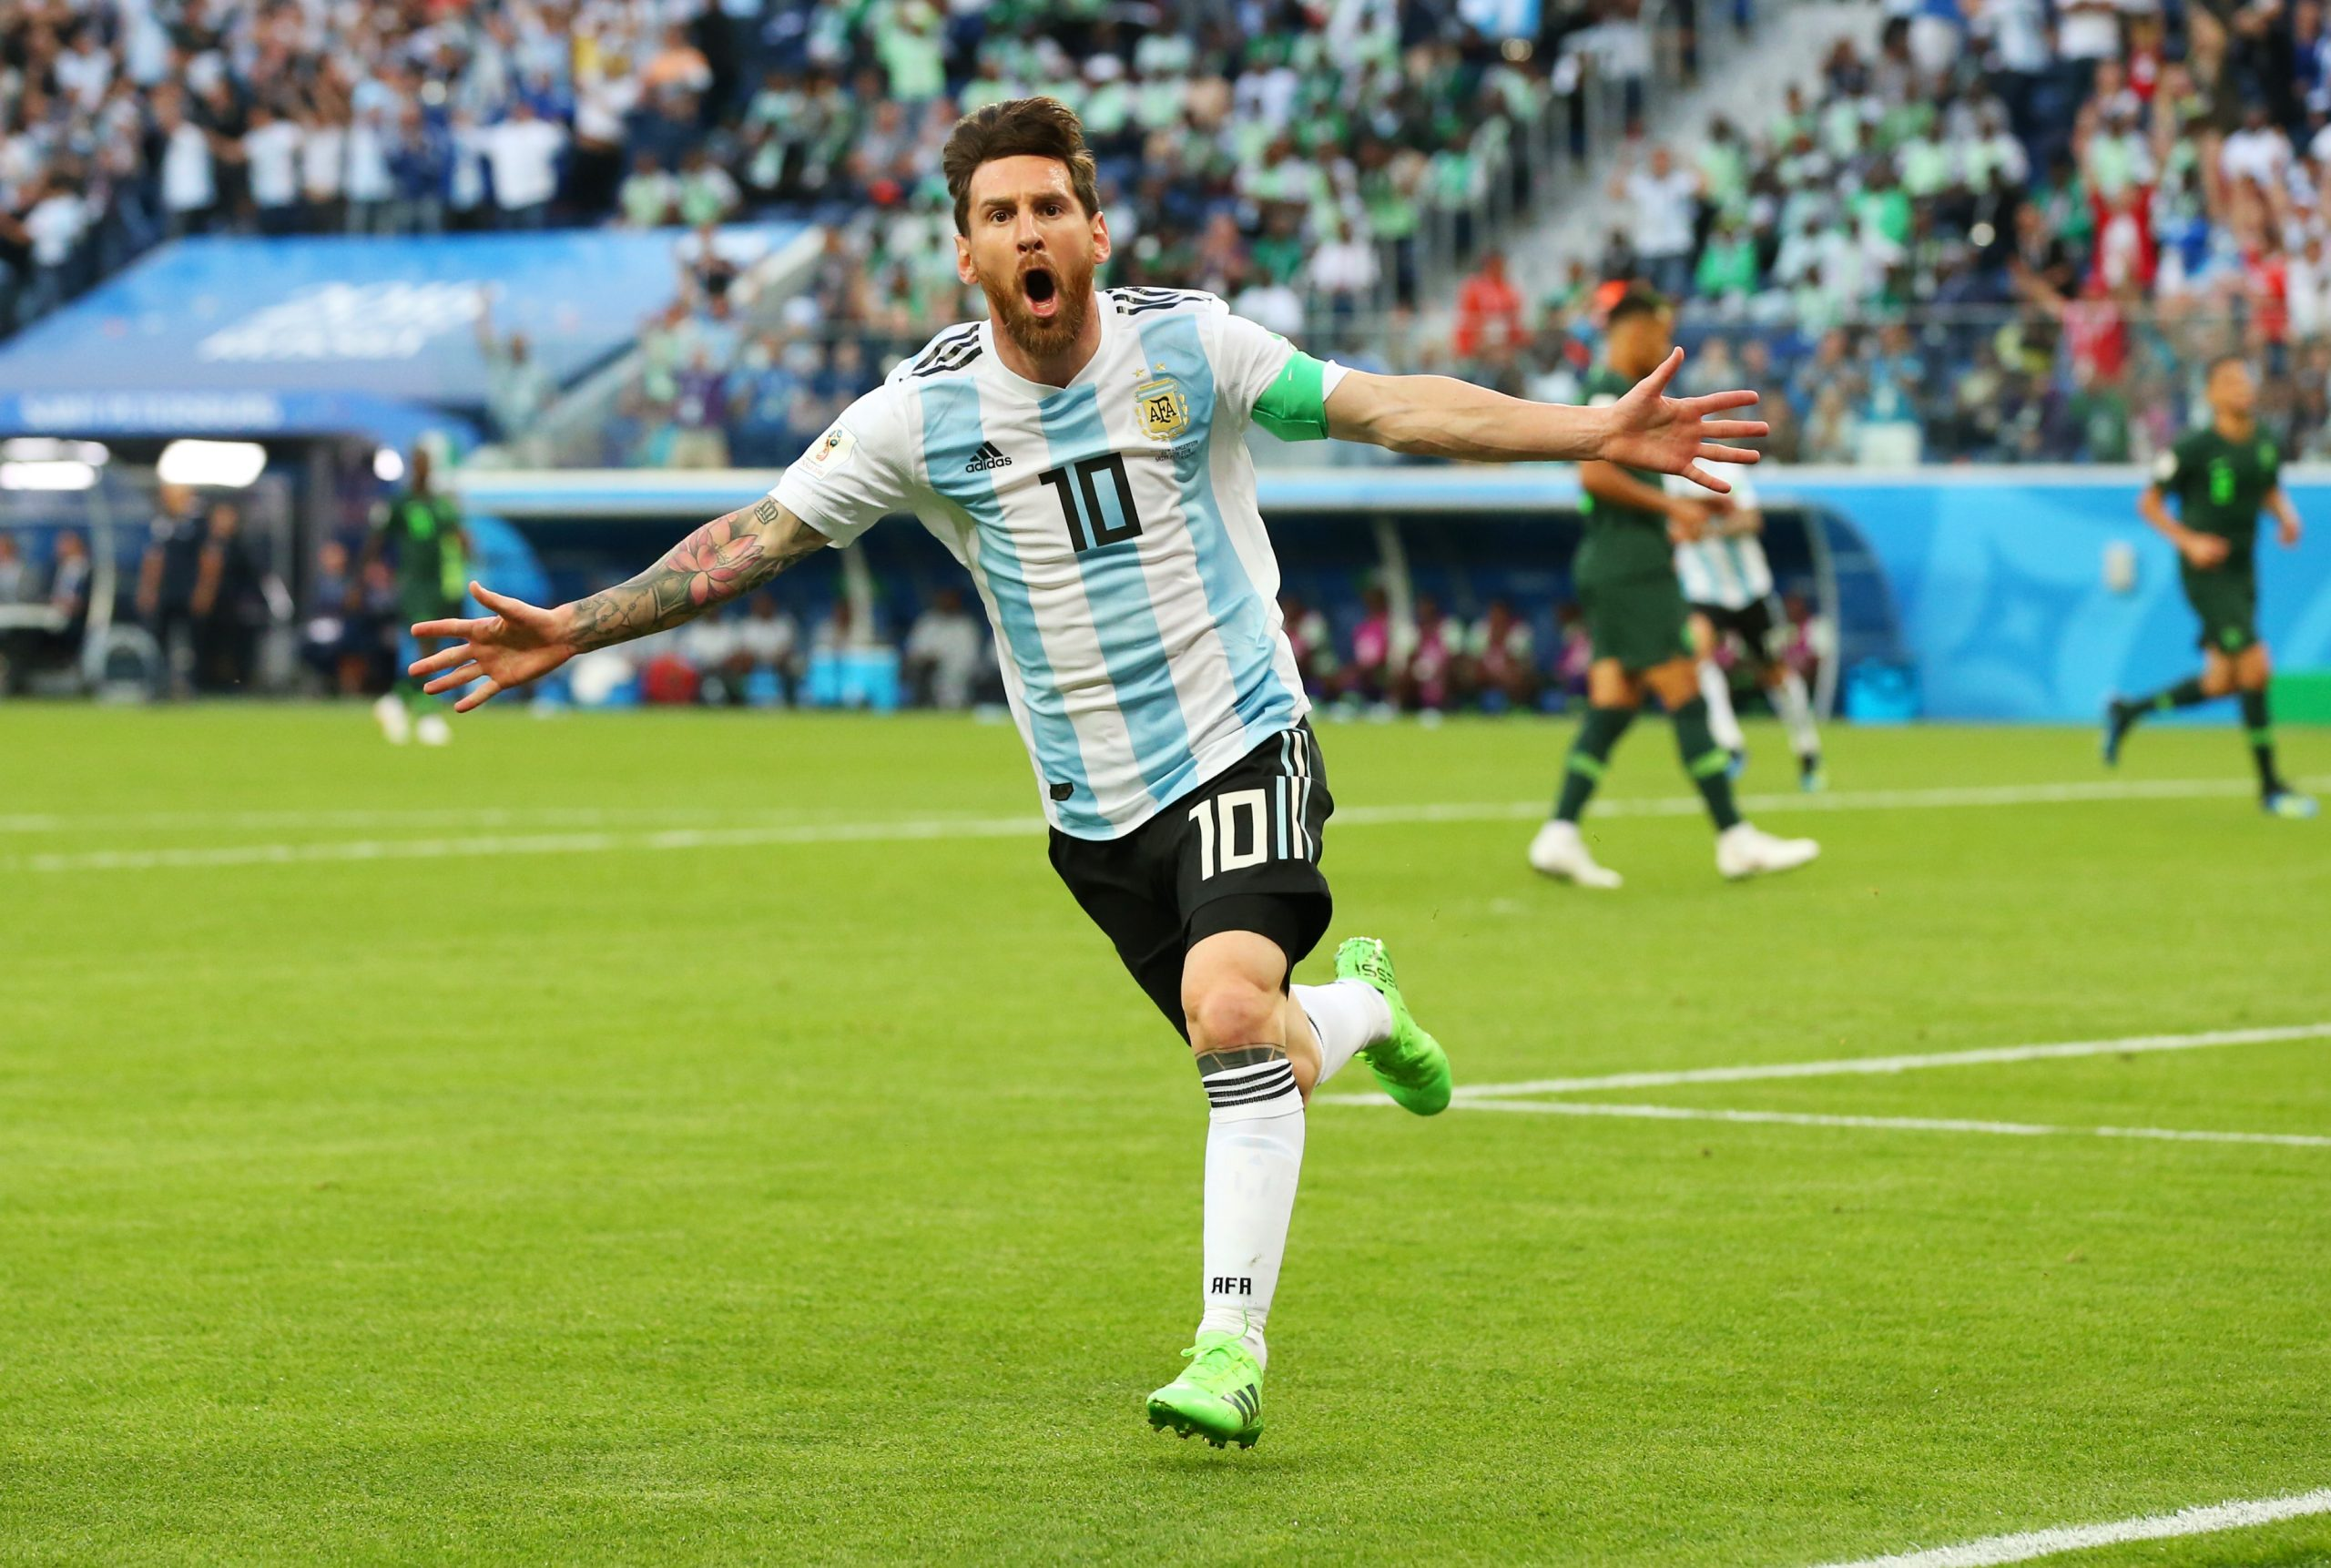 ¿Qué le ofrece la MLS y Estados Unidos a Messi sobre La Liga y España?